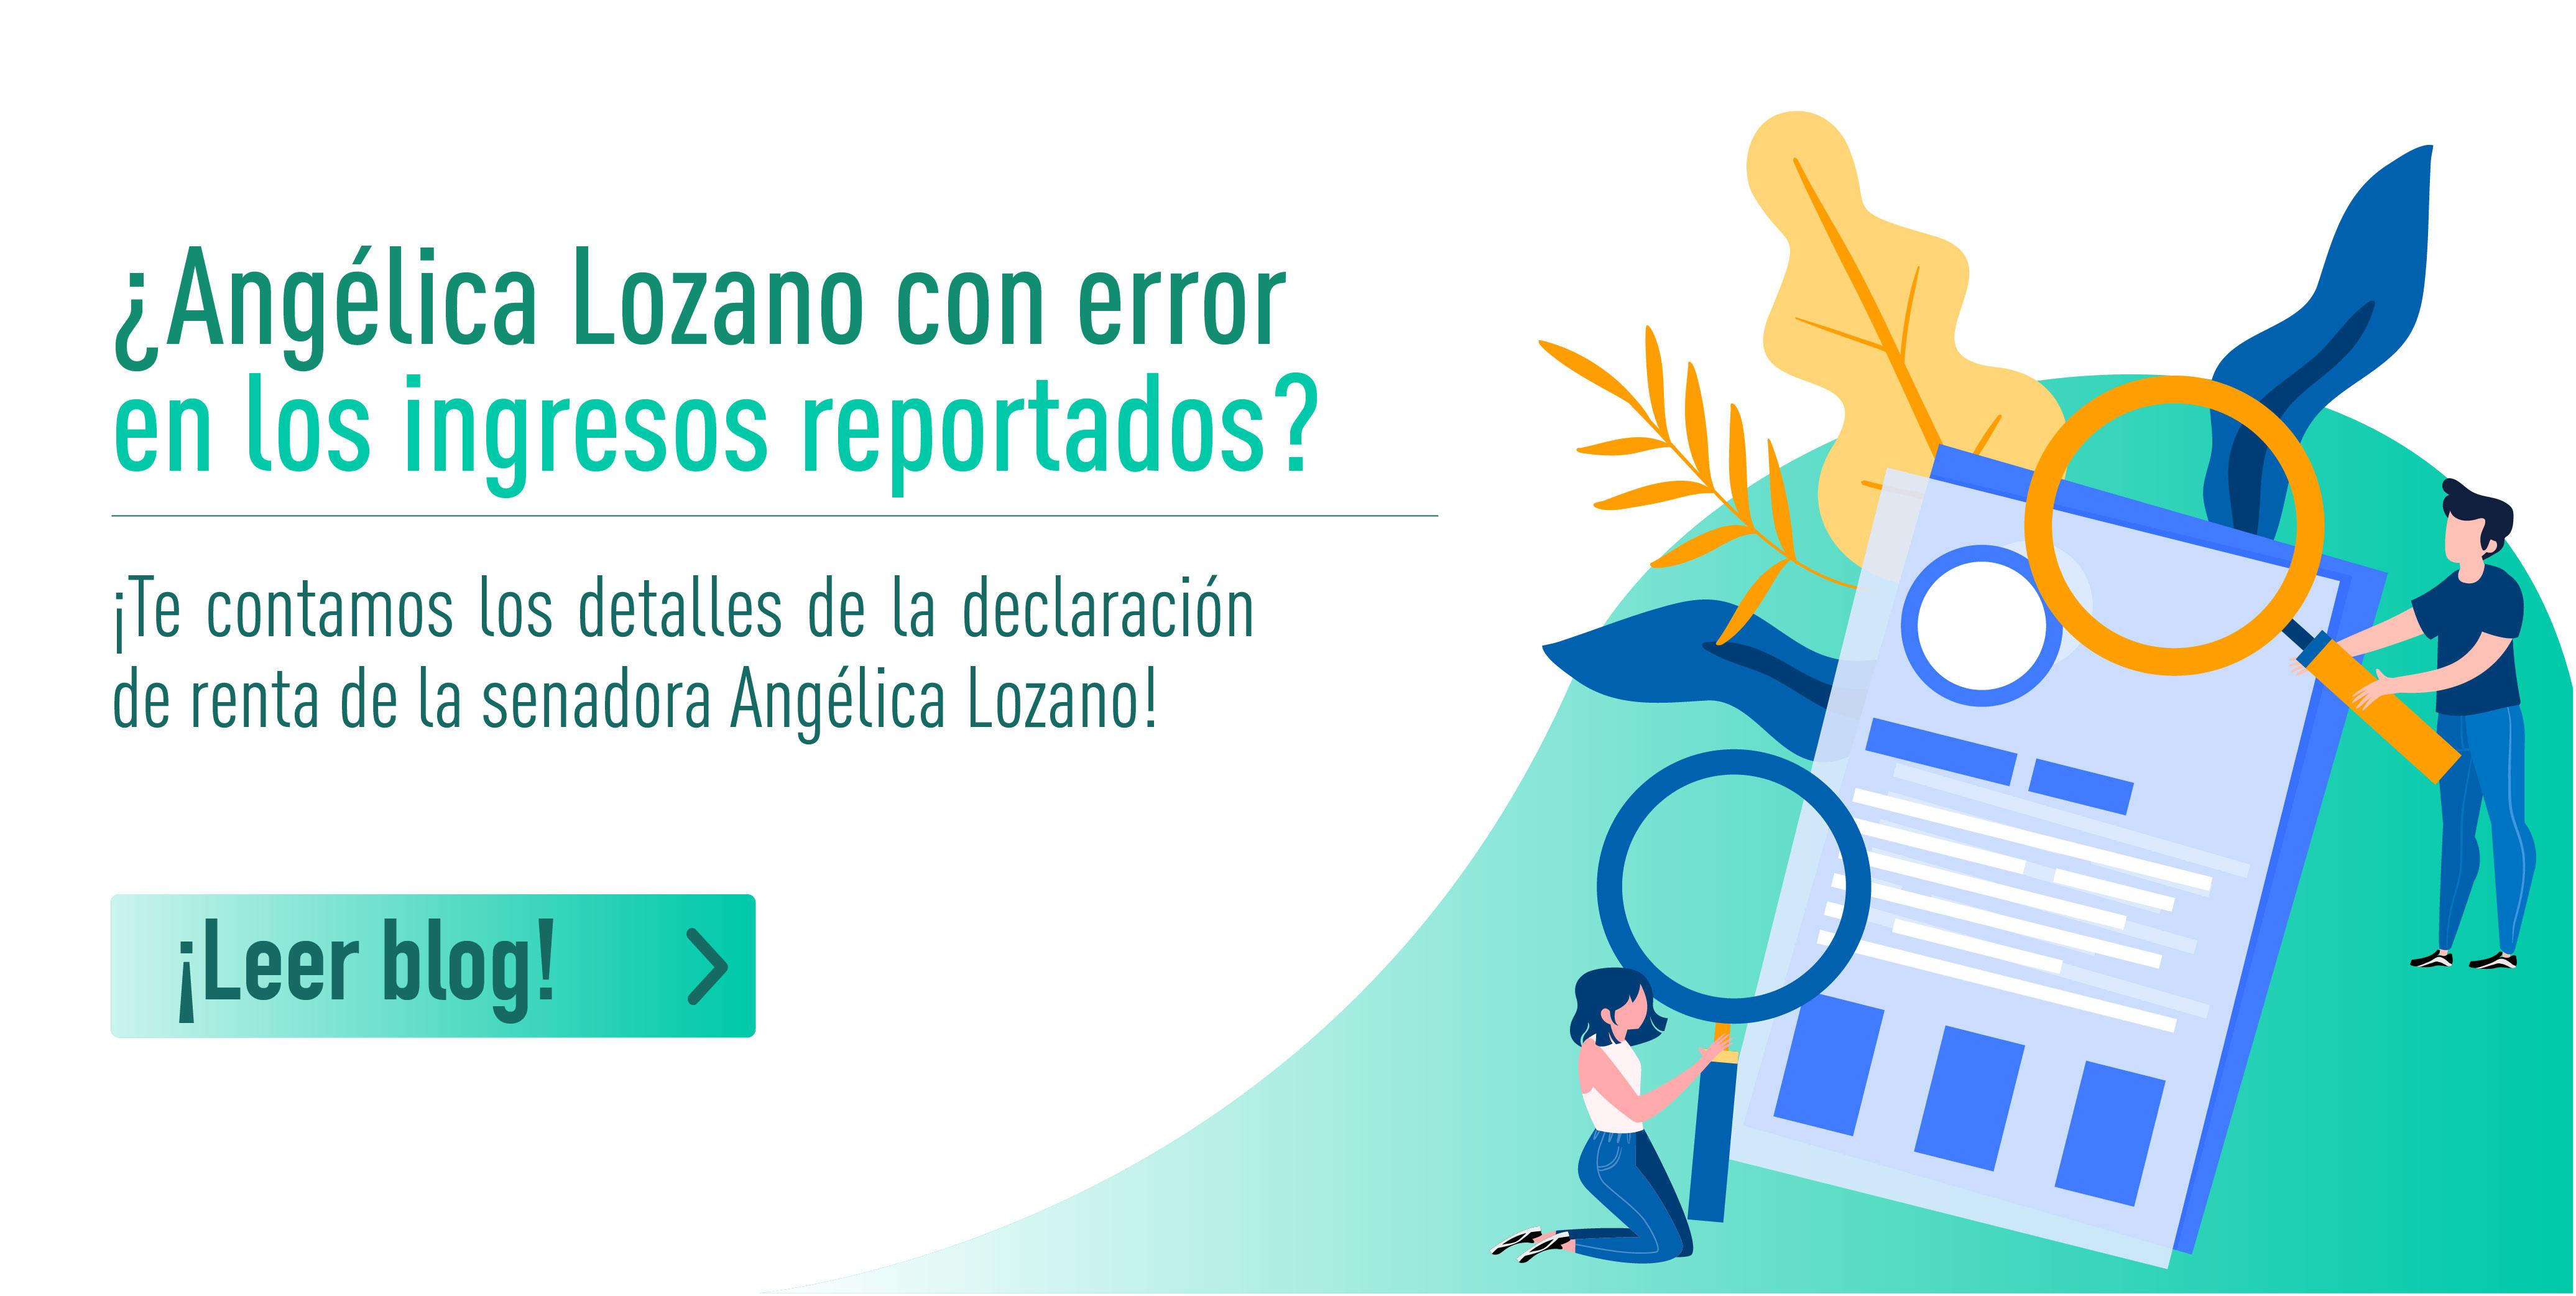 ¿Angélica Lozano con error en los ingresos reportados en la declaración?